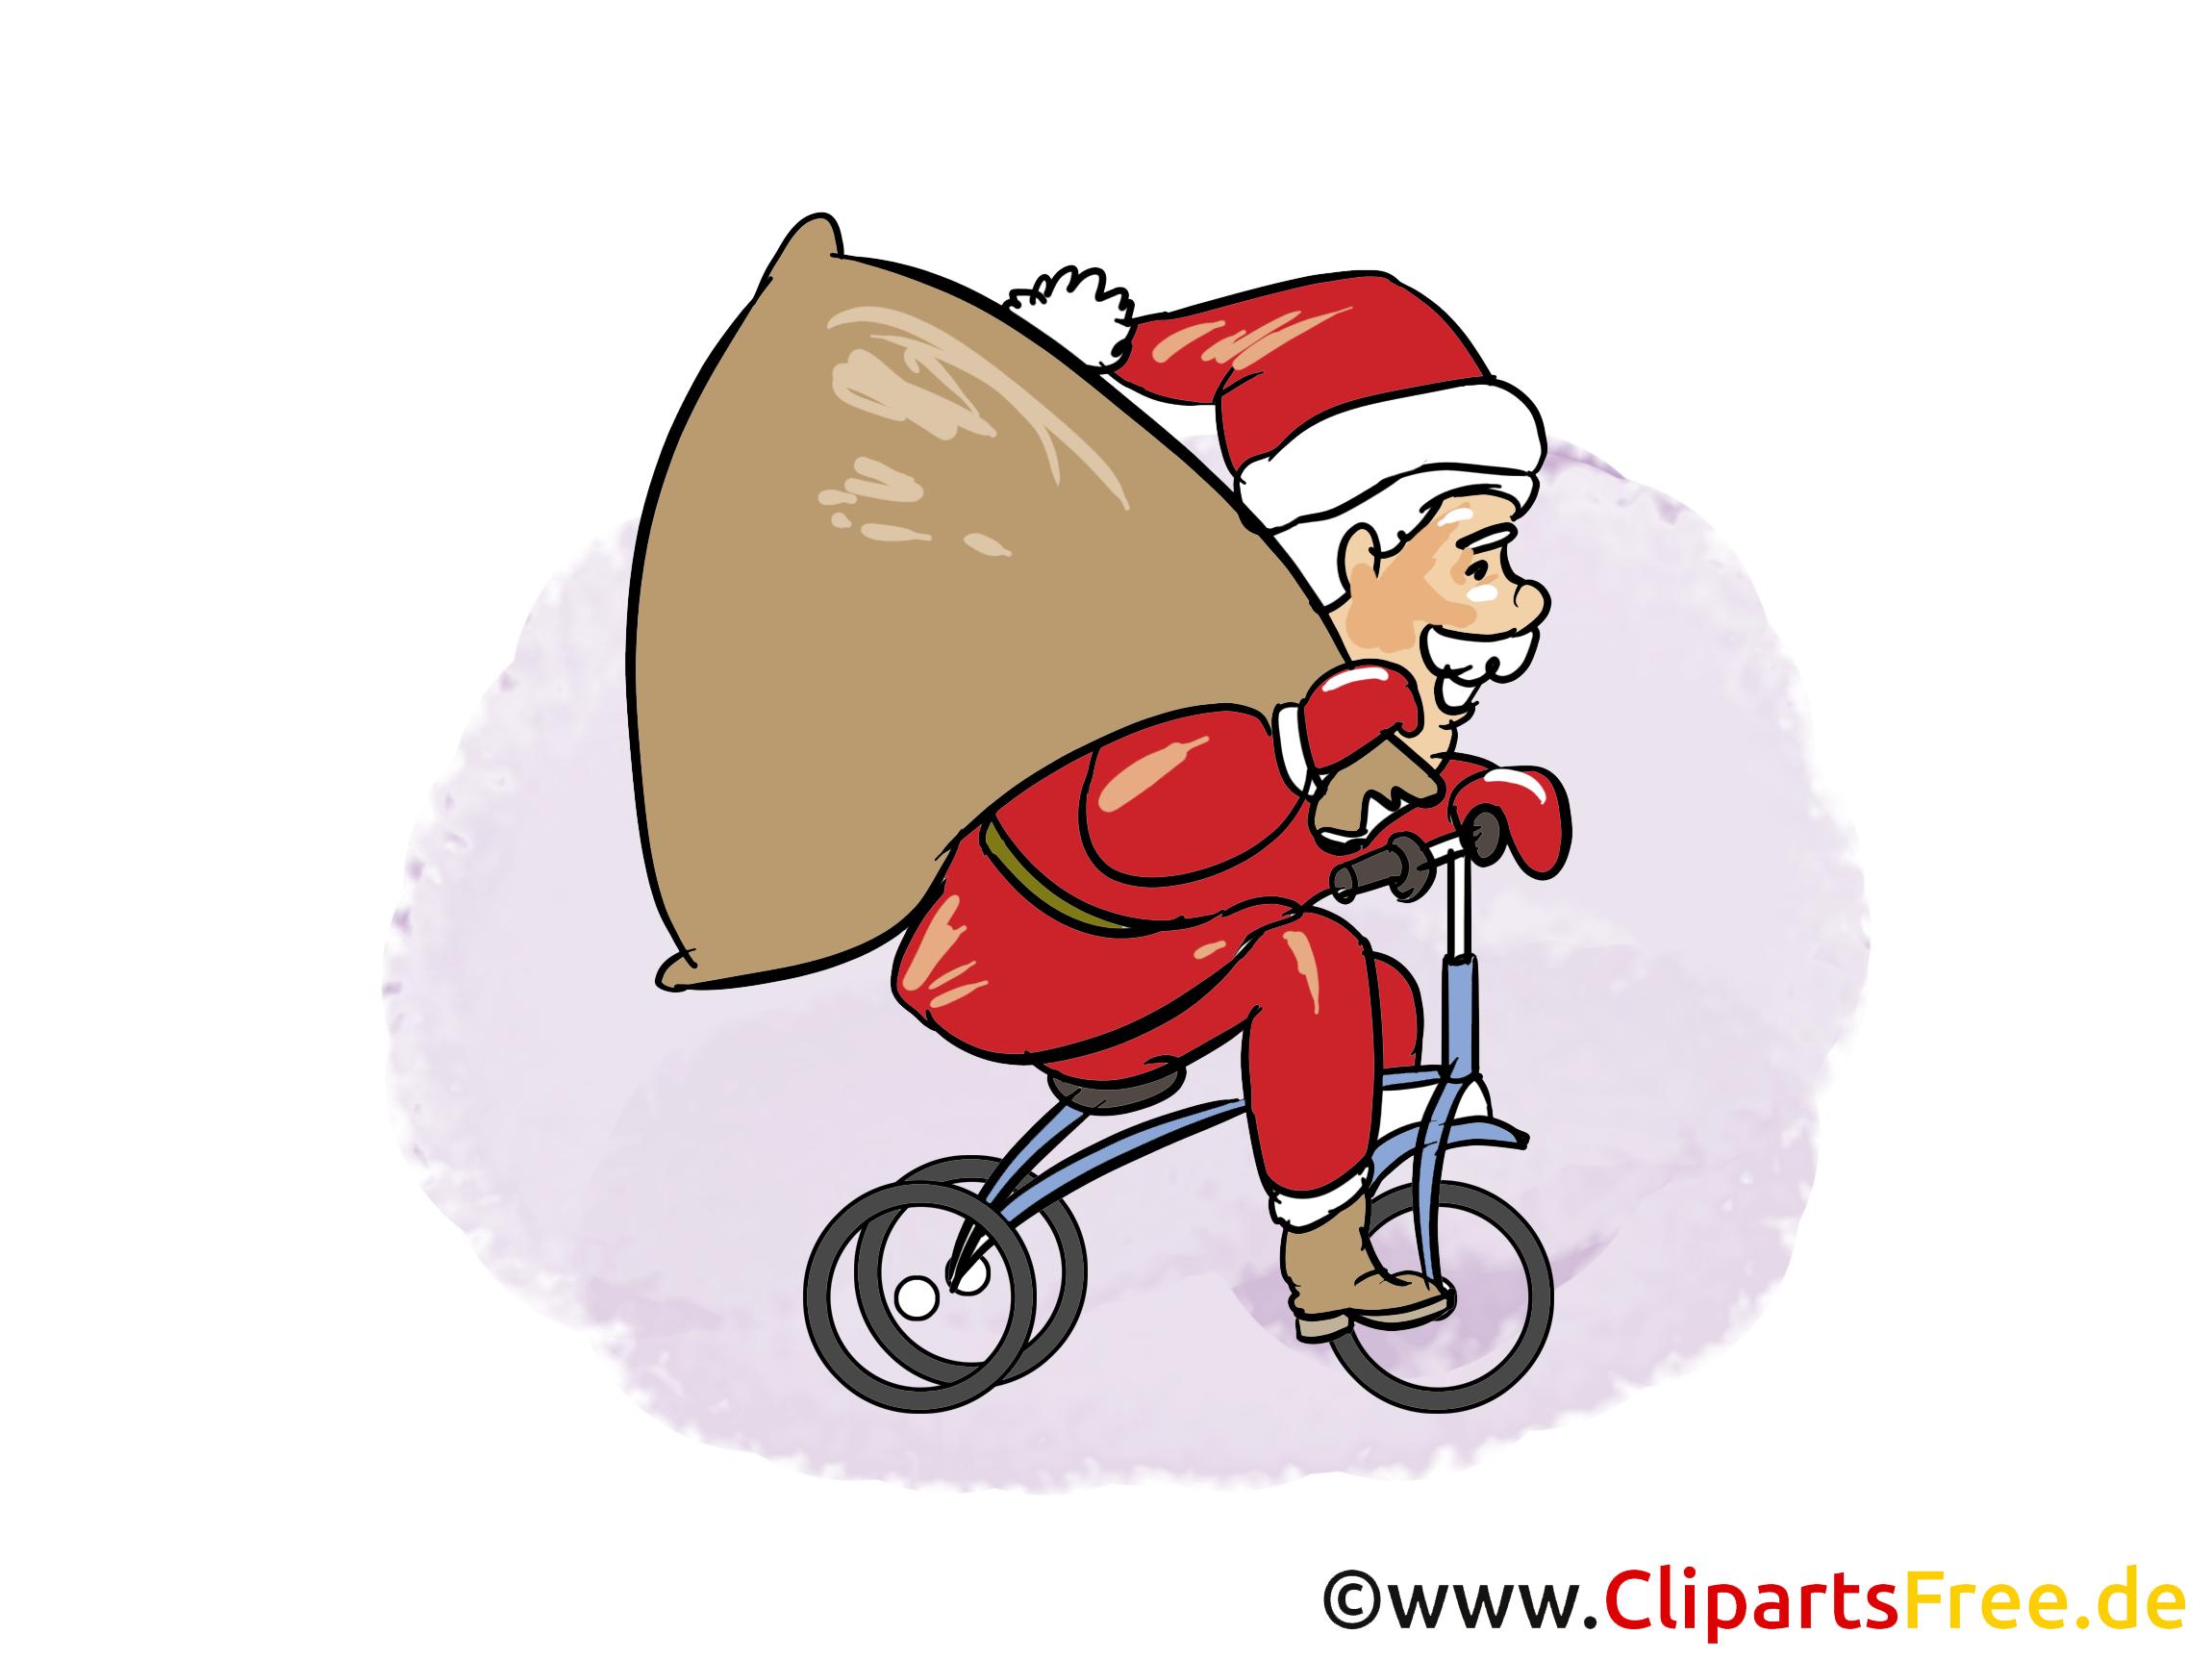 Kostenlose bilder cartoon zu silvester neujahr weihnachten for Clipart gratis download